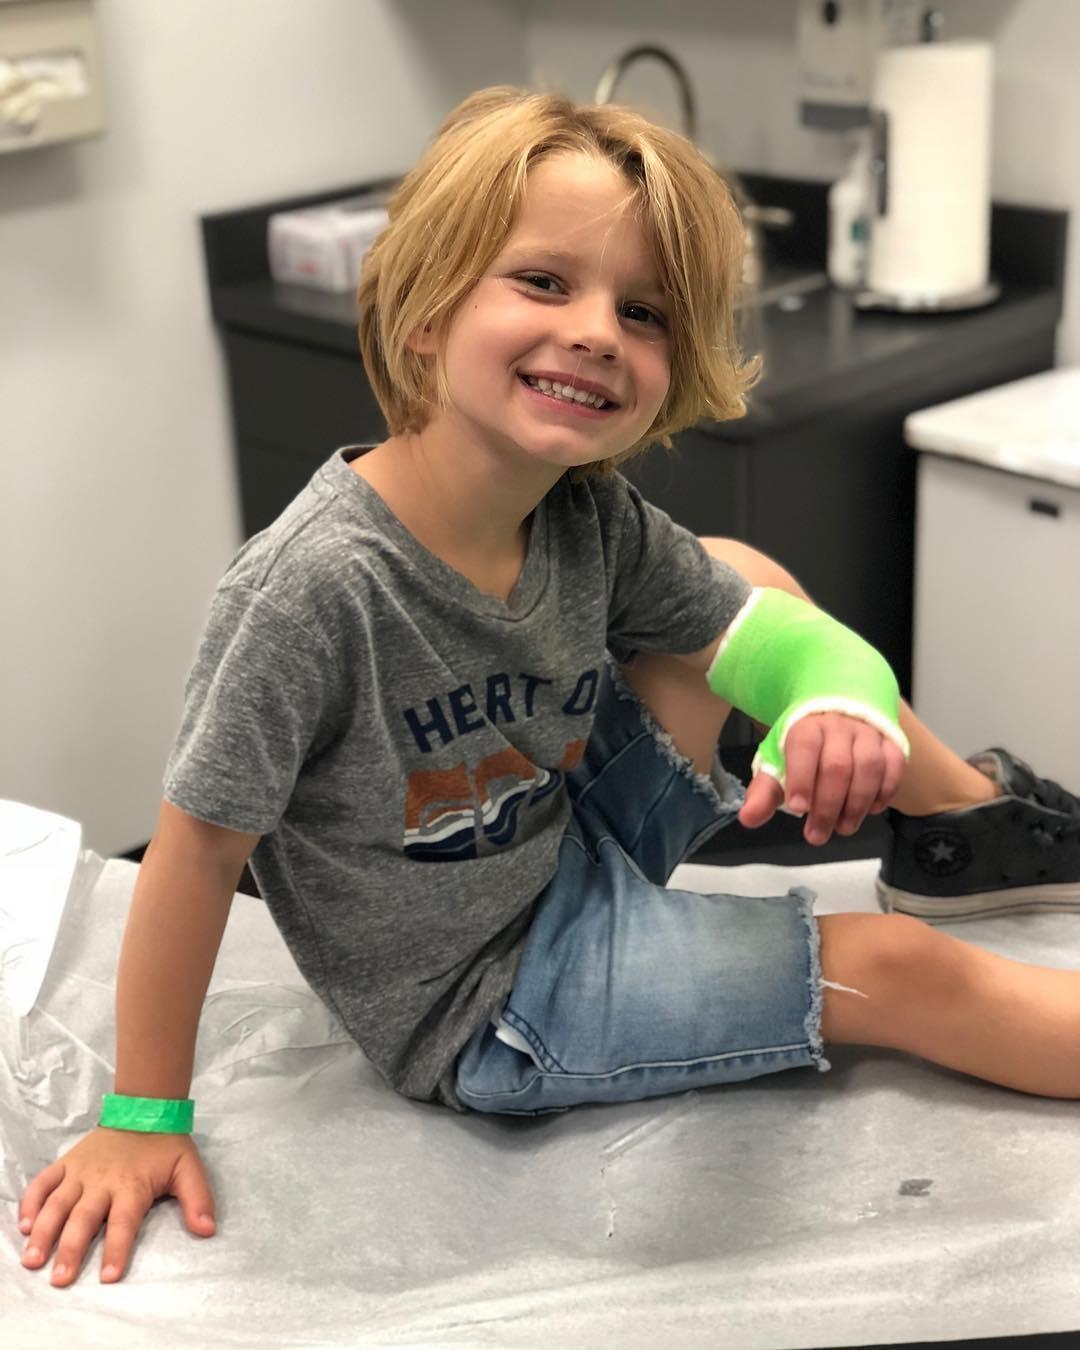 Ace, filho de 4 anos de Jessica Simpson, com o braço engessado (Foto: Reprodução Instagram)